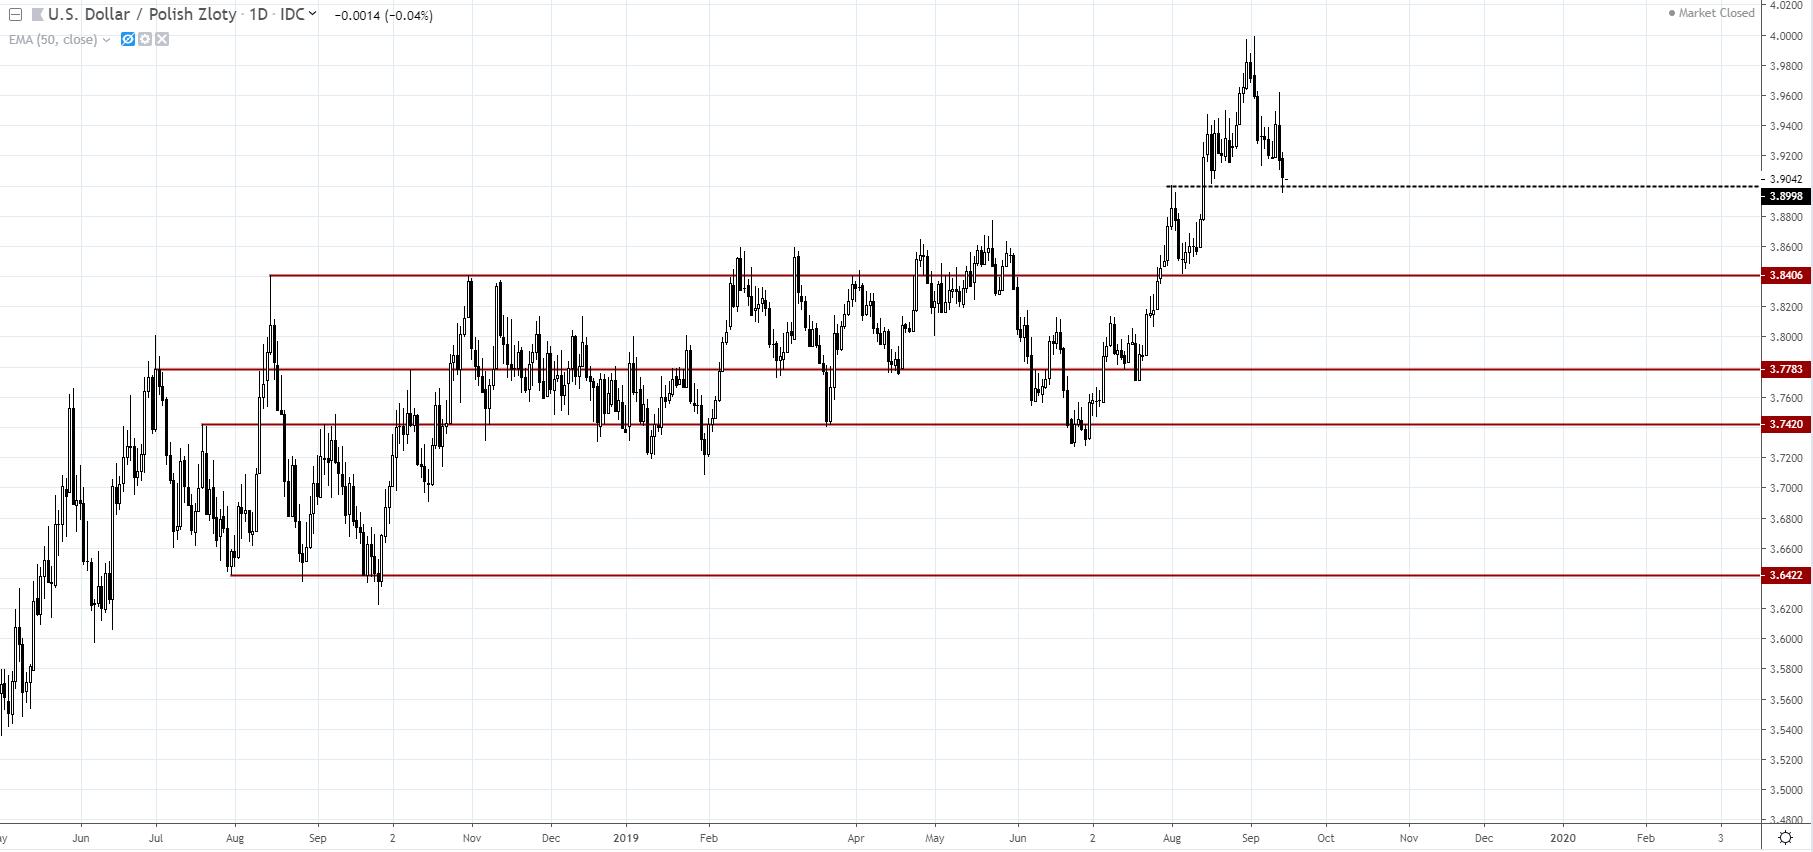 wykres Kurs dolara amerykańskiego wobec polskiego złotego (USDPLN), Źródło - TradingView